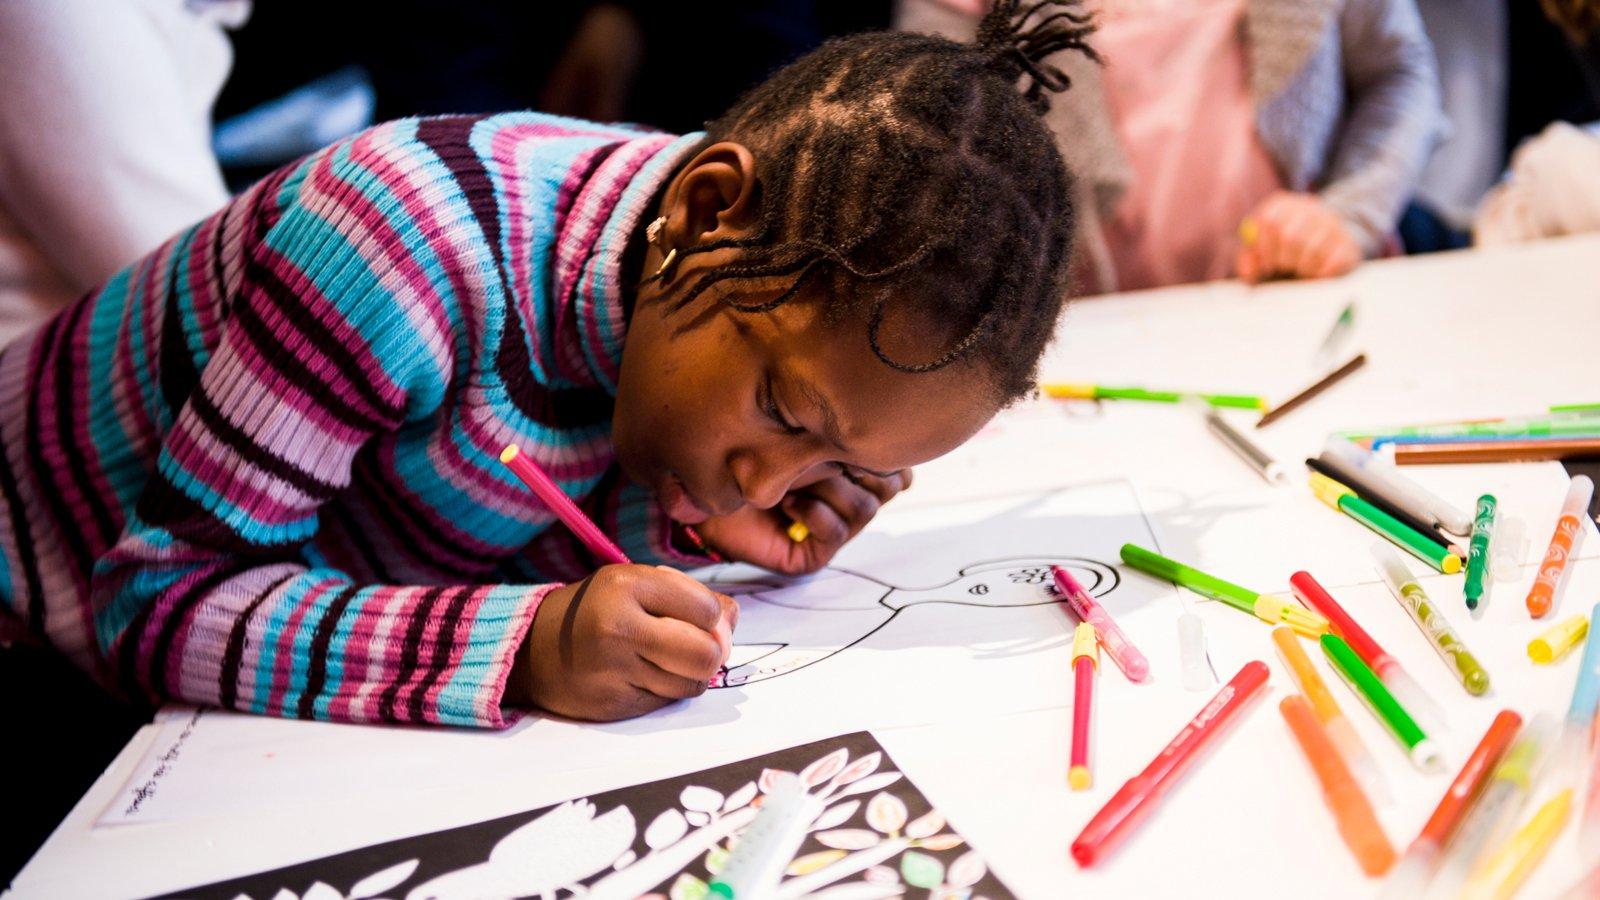 La Culture et l'Art au collège 2018-2019, 4 nouveaux parcours littéraires au programme